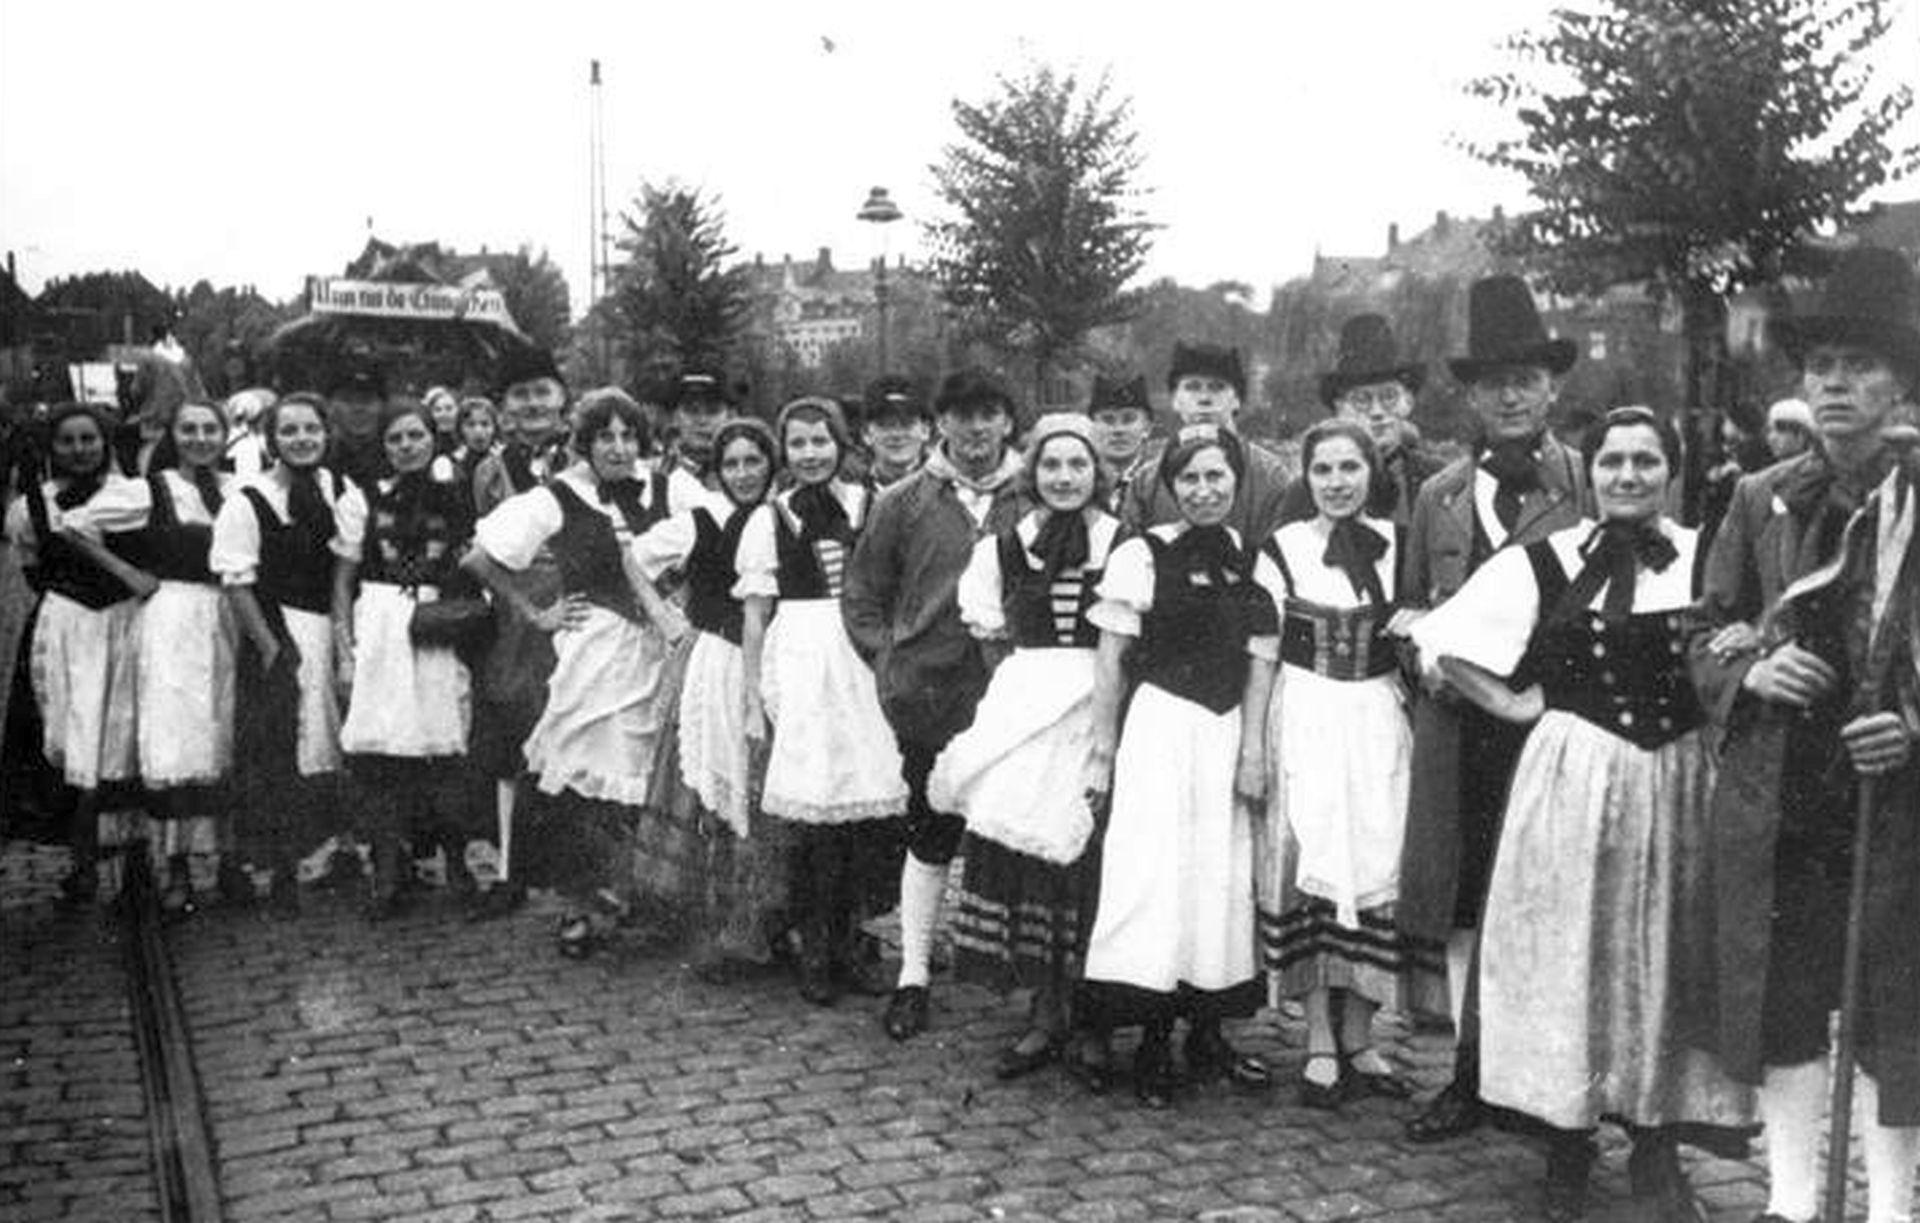 Ländliche Bevölkerung von Crange, dargestellt von Mitgliedern der Theatergruppe 'Fidele Horst'.jpg